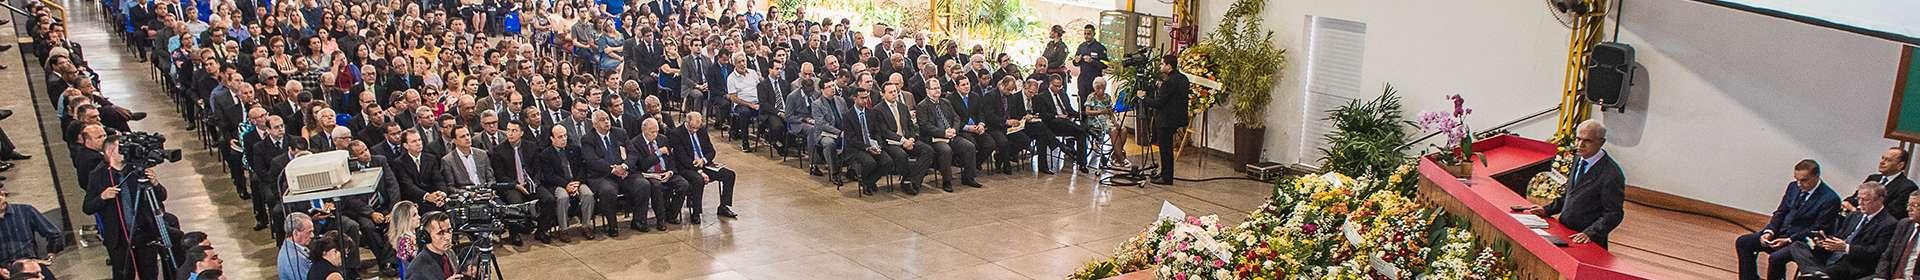 Culto de Passamento de Jurama Barros Gueiros